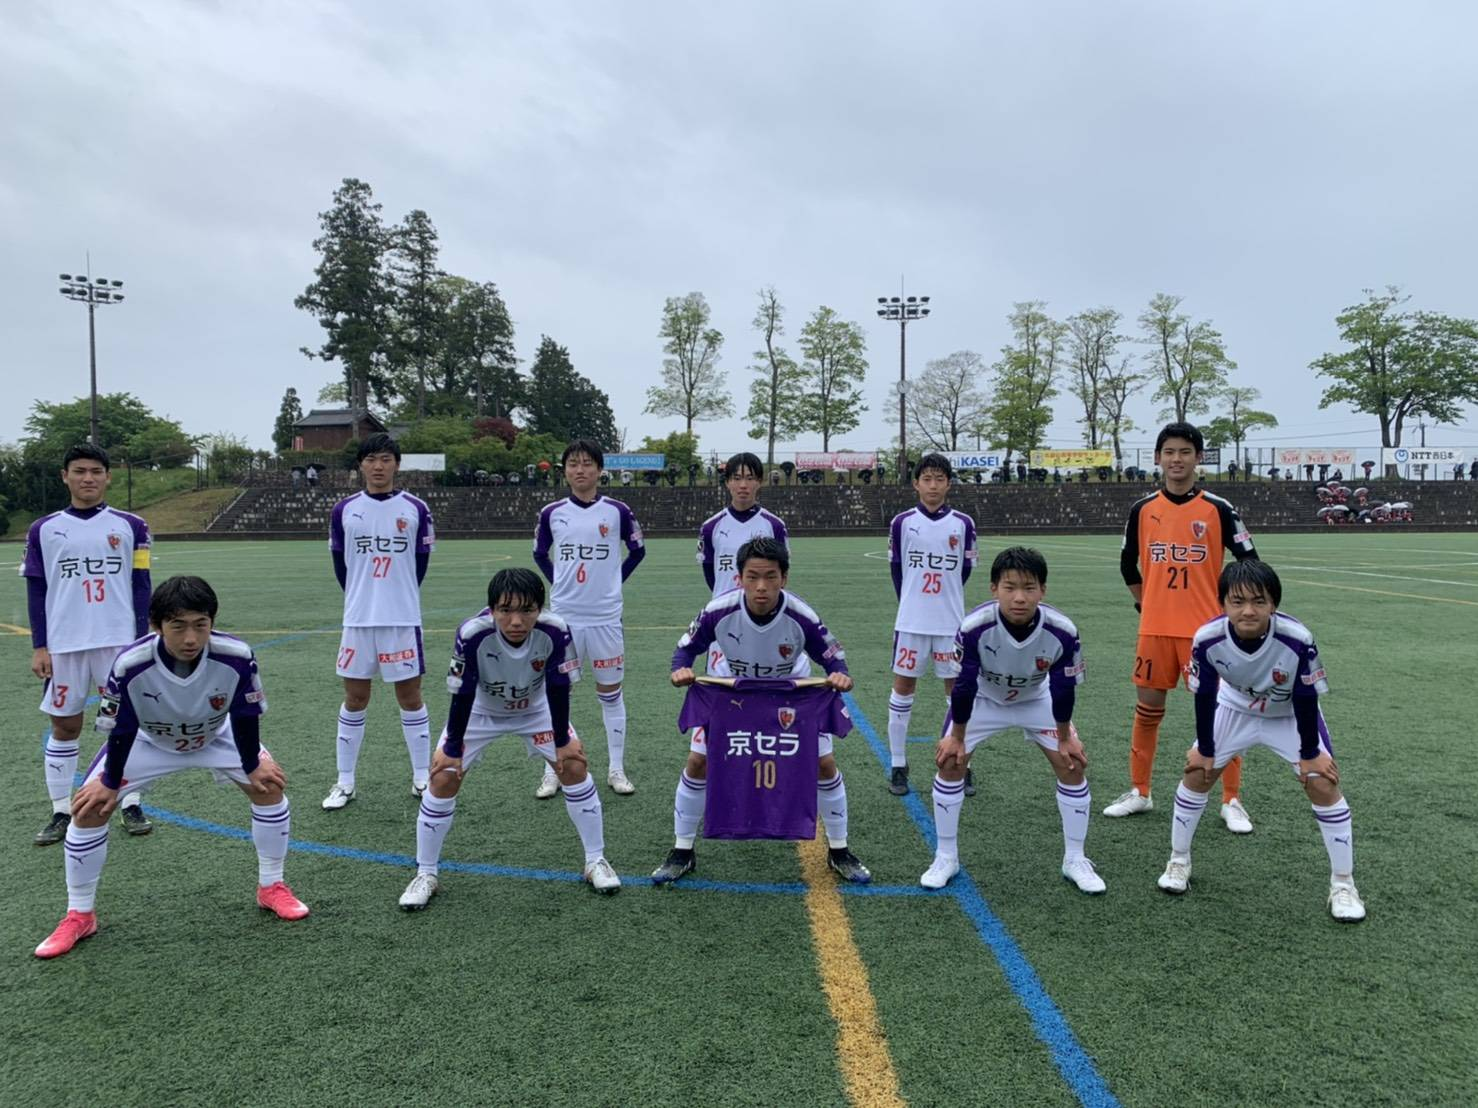 【U-15】クラブユース選手権U-15滋賀県大会Semi Final